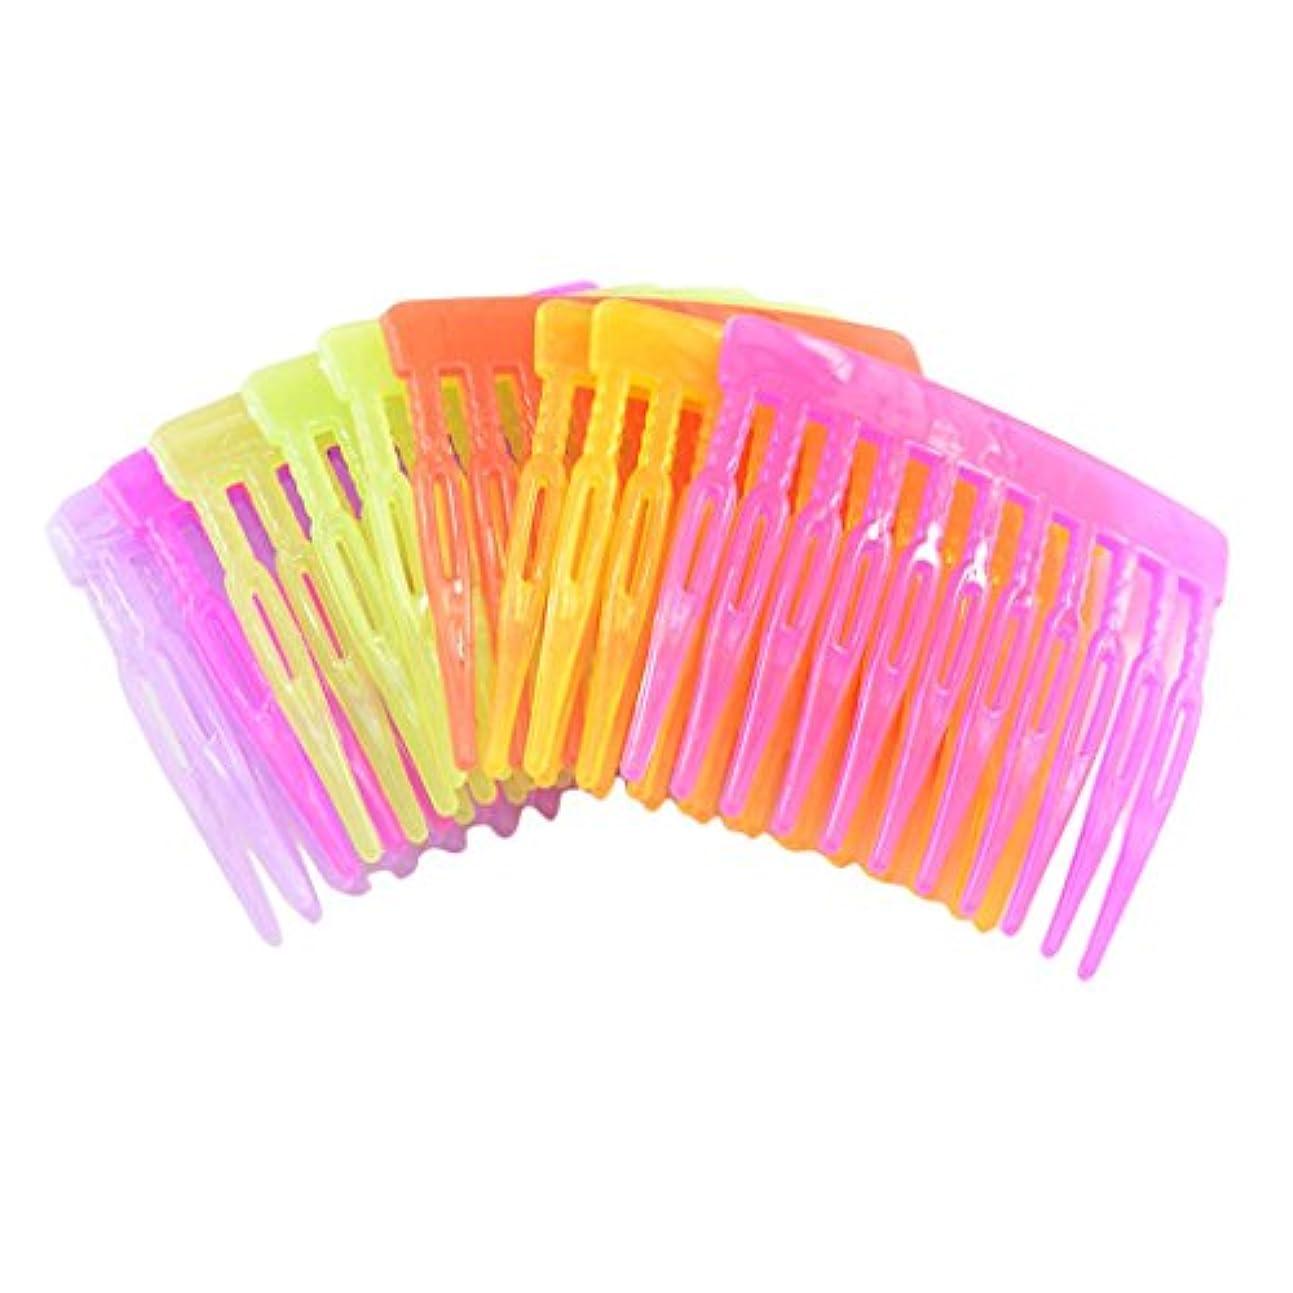 ファーム禁じるガイドラインBaosity 23歯付き 可愛い ヘアクリップ エレガント プラスチック製 櫛